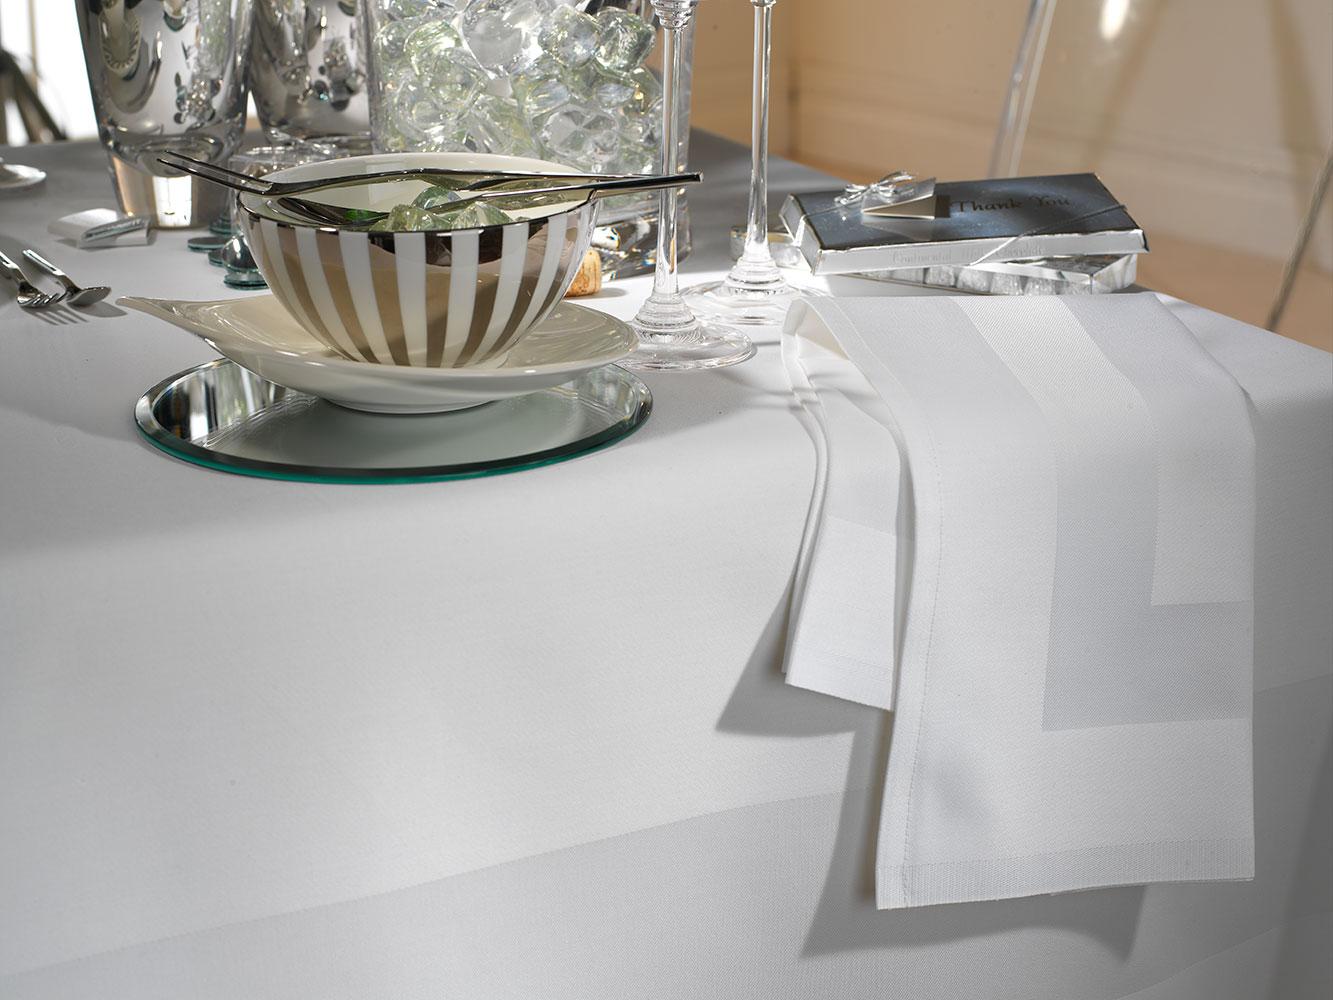 Restaurant Linen Sales Wholesale Source